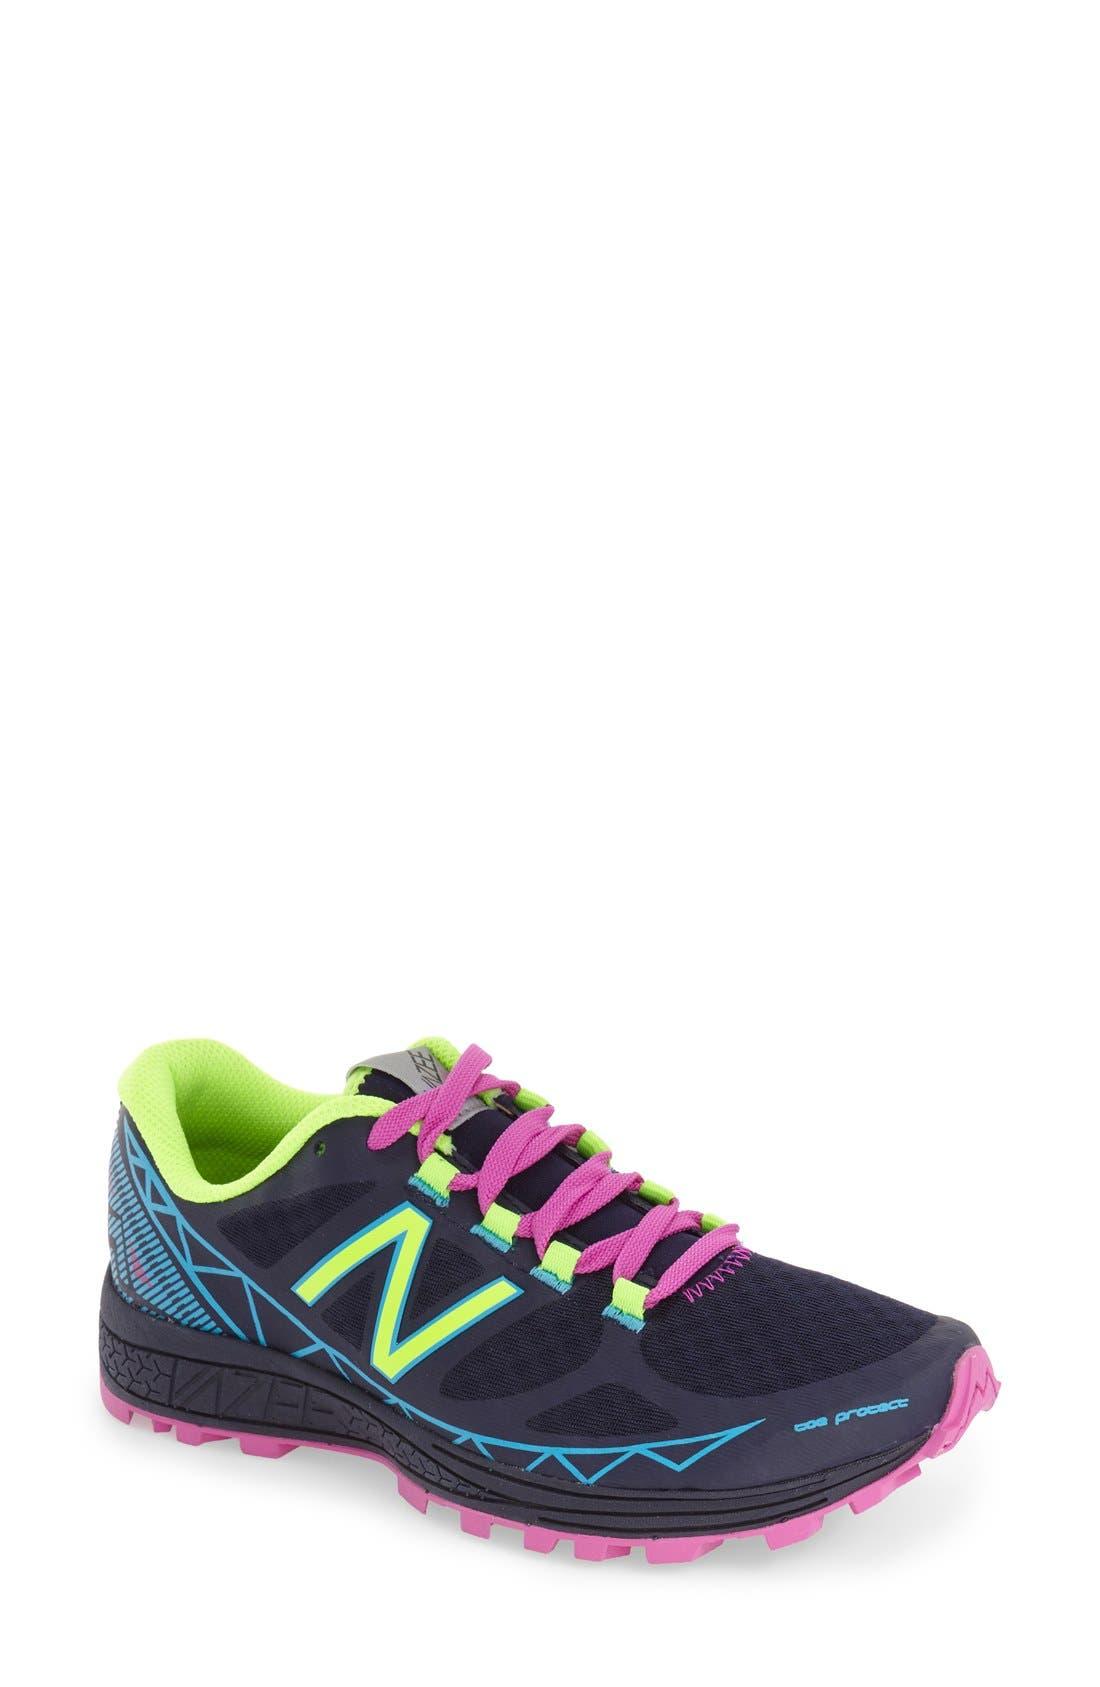 Main Image - New Balance 'Vazee Summit' Trail Running Shoe (Women)